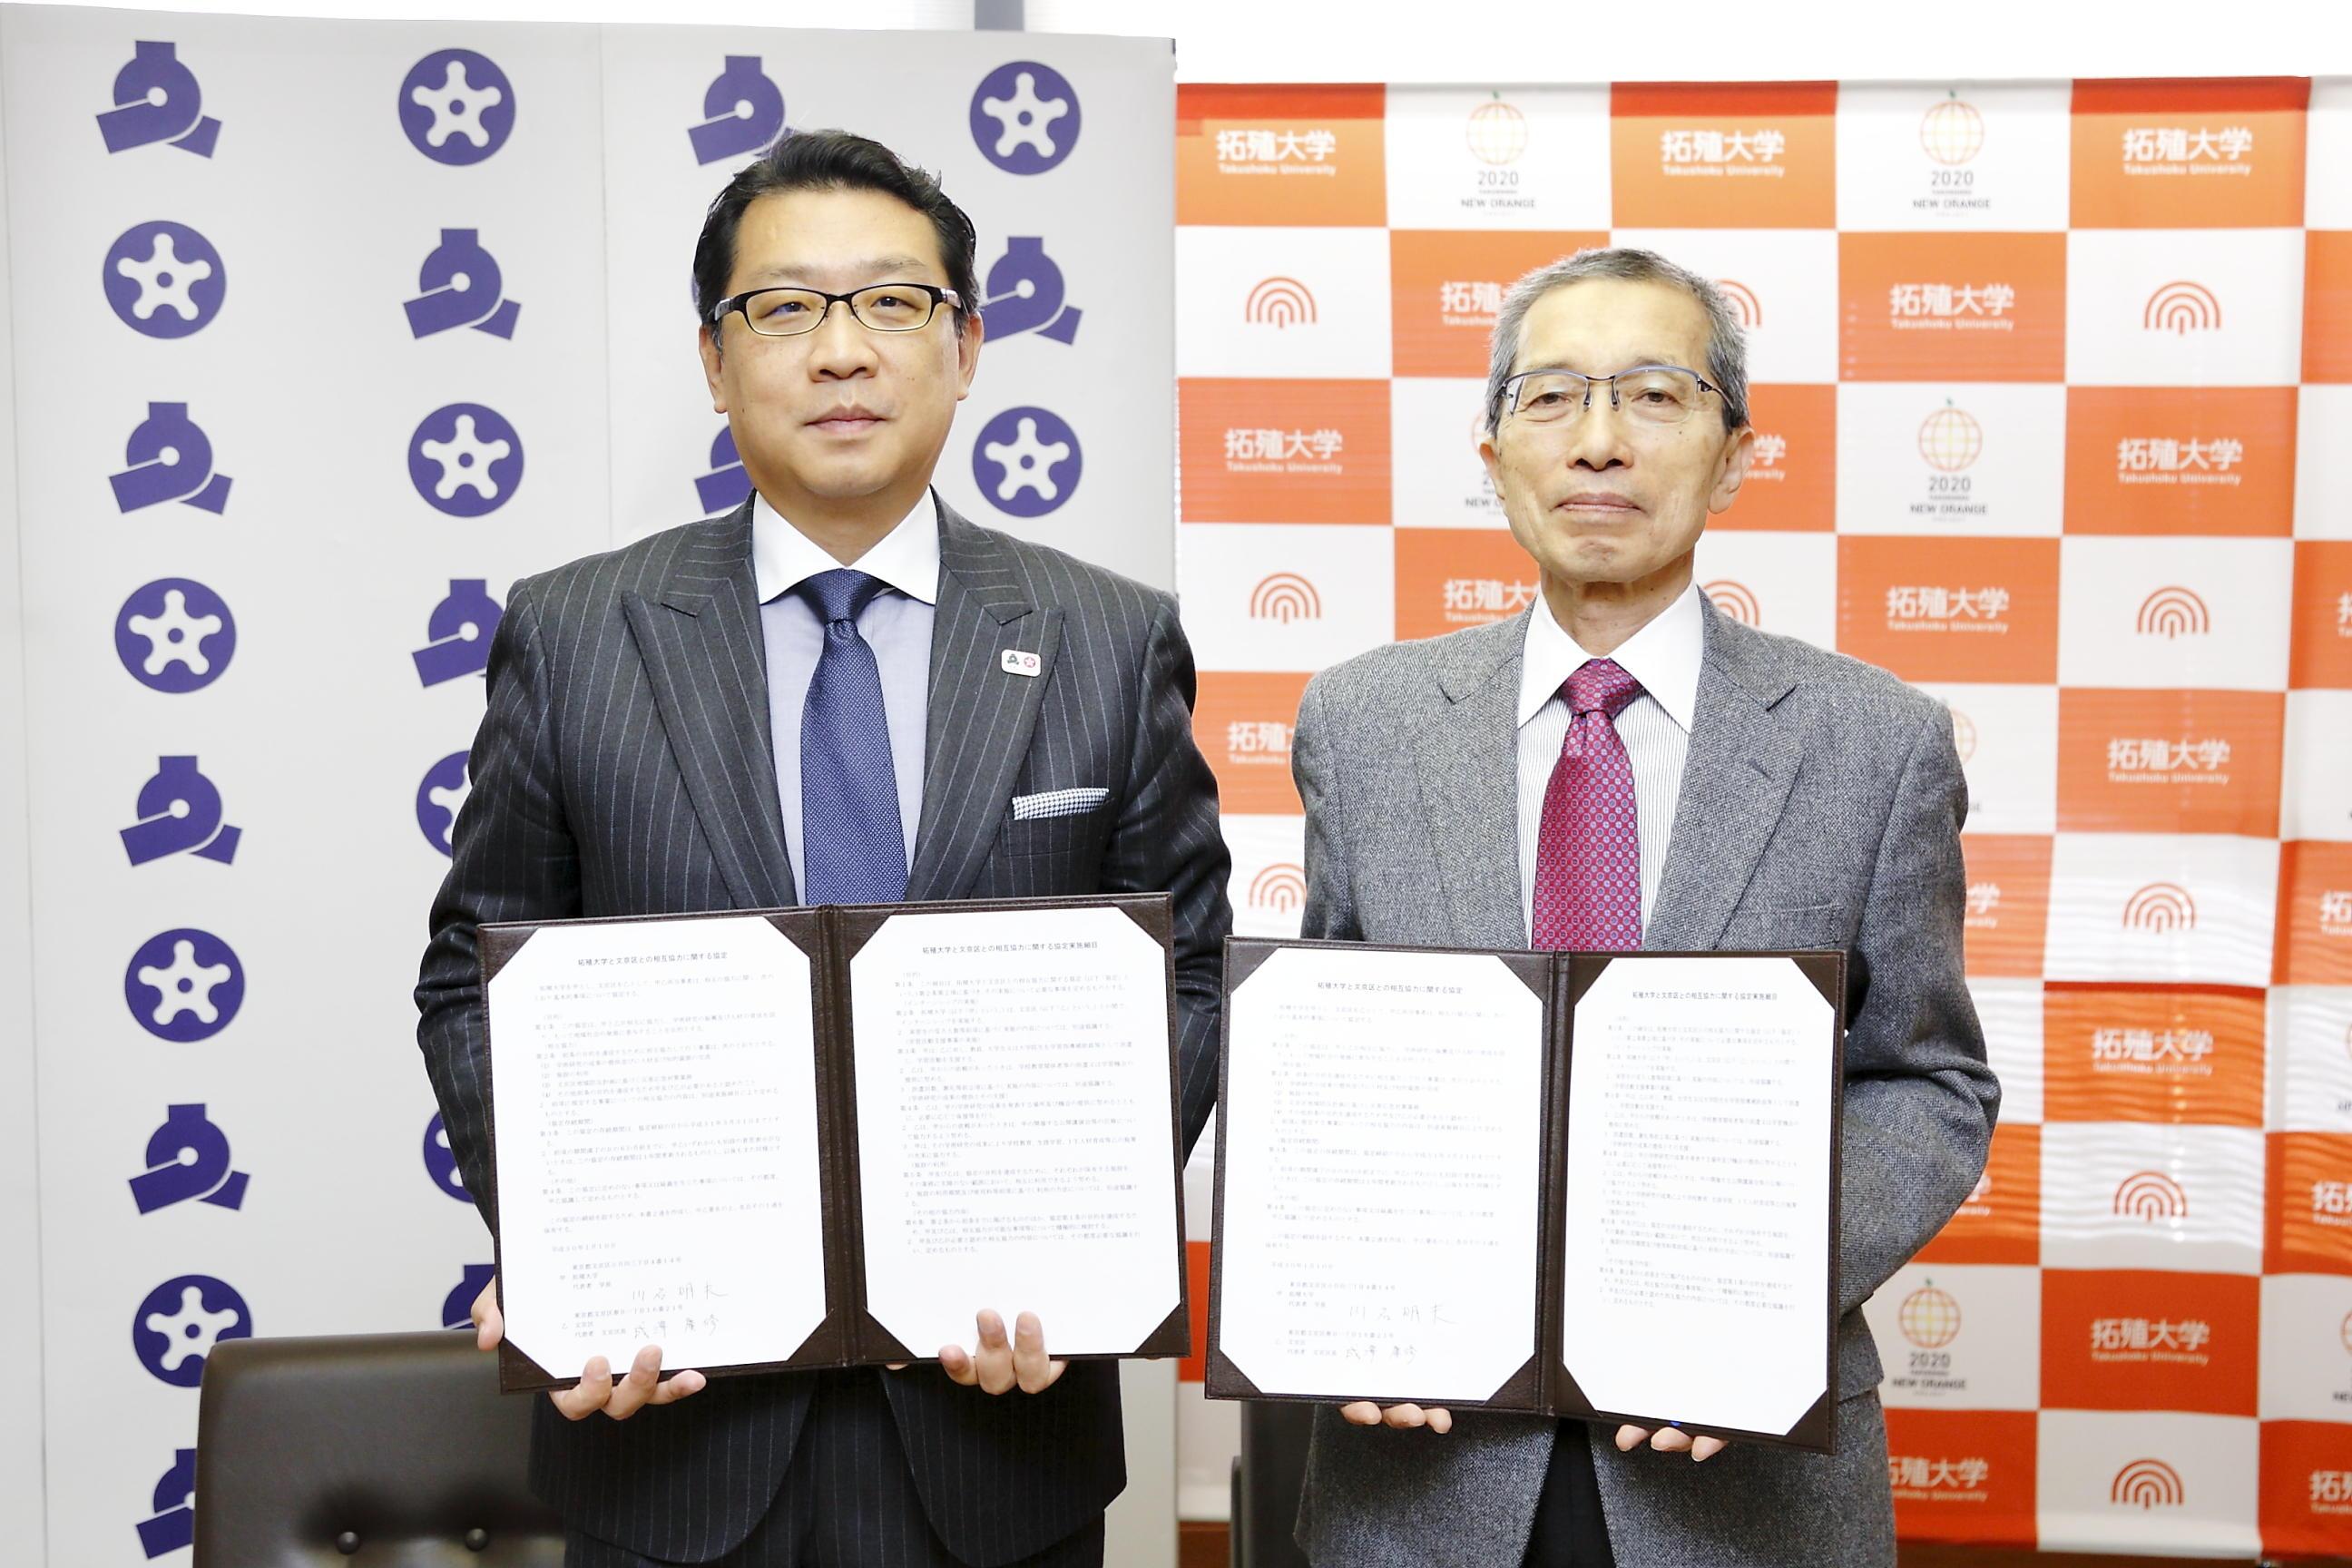 拓殖大学と文京区が「相互協力に関する協定」を締結